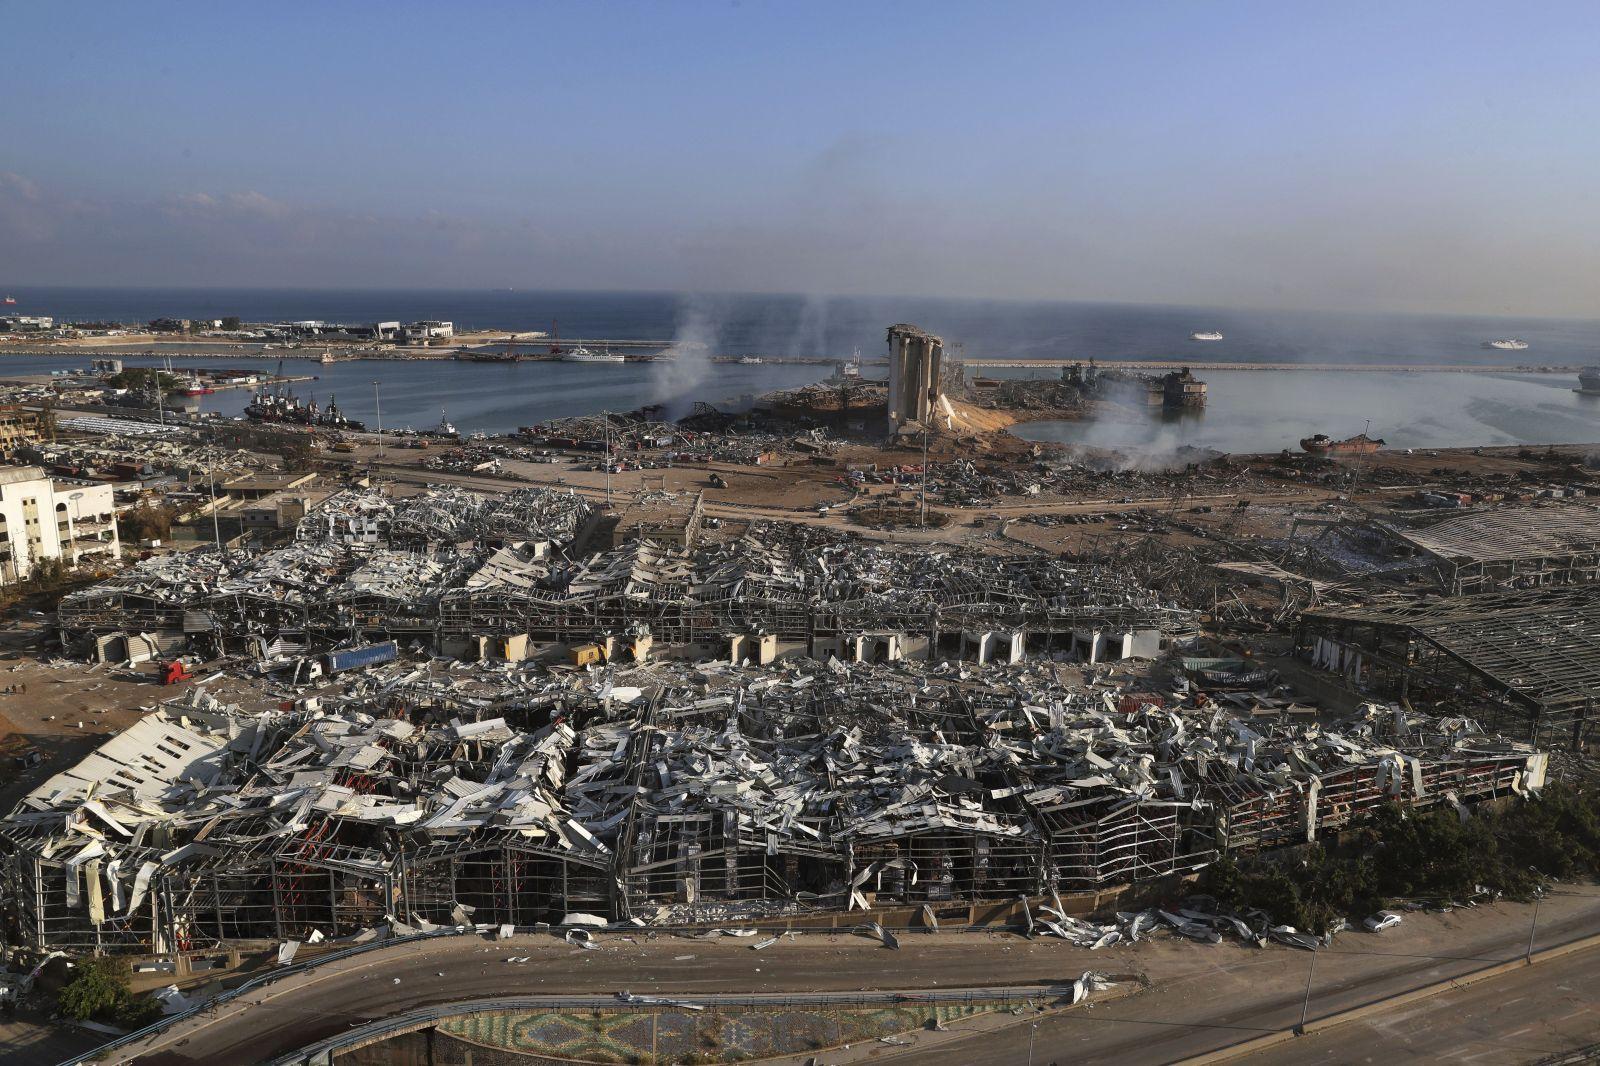 Jedinú budovu, ktorá zostala stáť po výbuchu v Bejrúte, navrhli Česi. Inak tomu nebolo ani po výbuchu atómovky v Hirošime